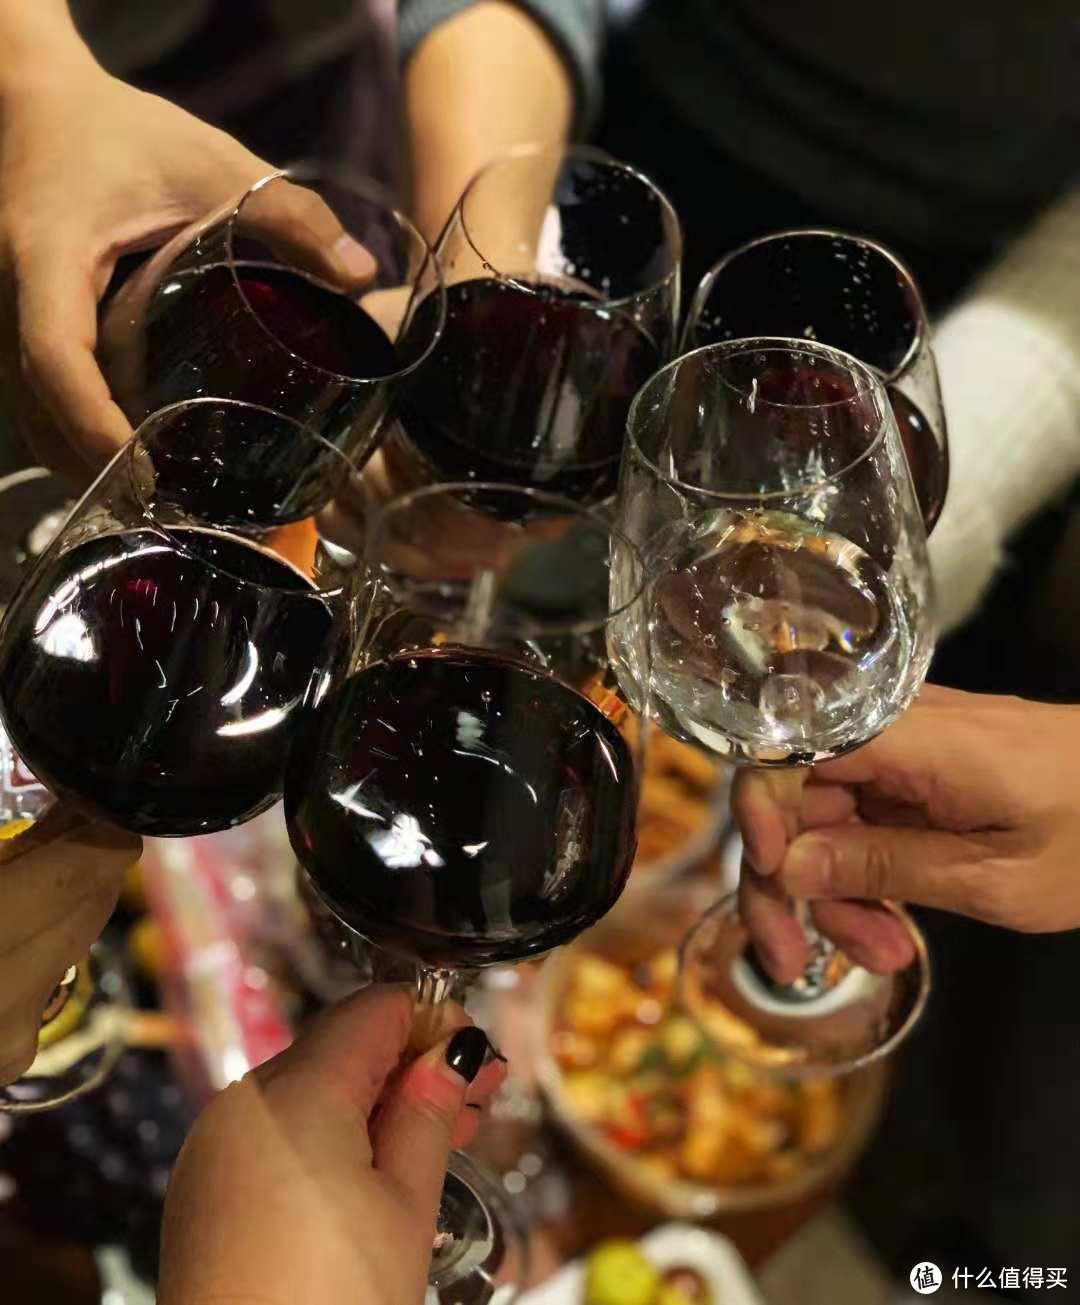 小饮怡情——三两浓香型42°+52°微醺白酒试饮体验